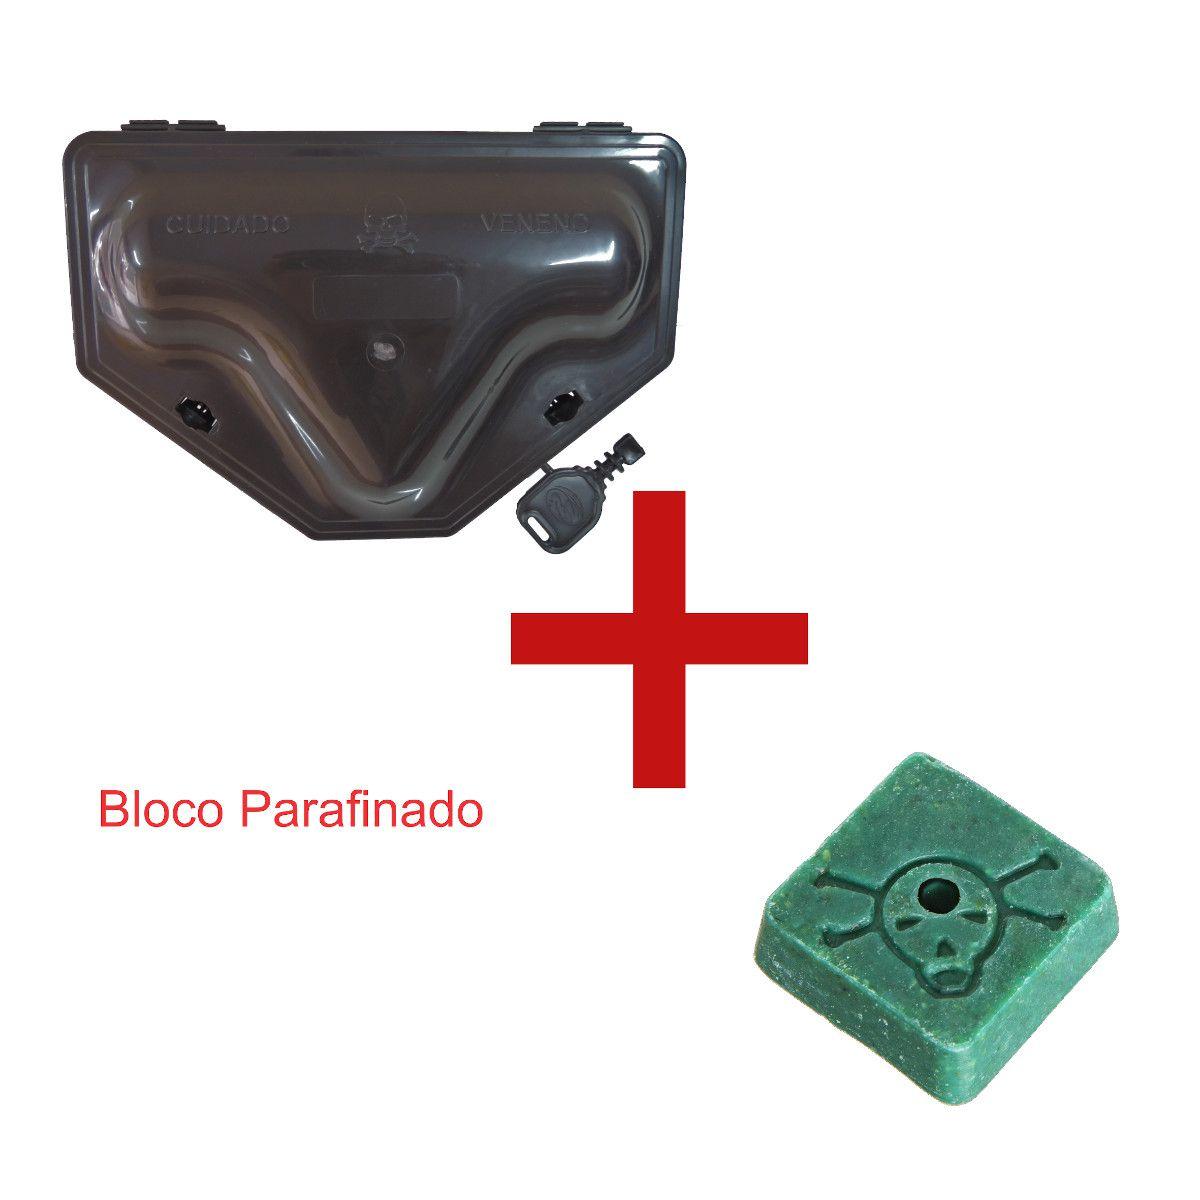 44 Porta Iscas C/ Duplo Travamento + 44 Bloco Parafinado